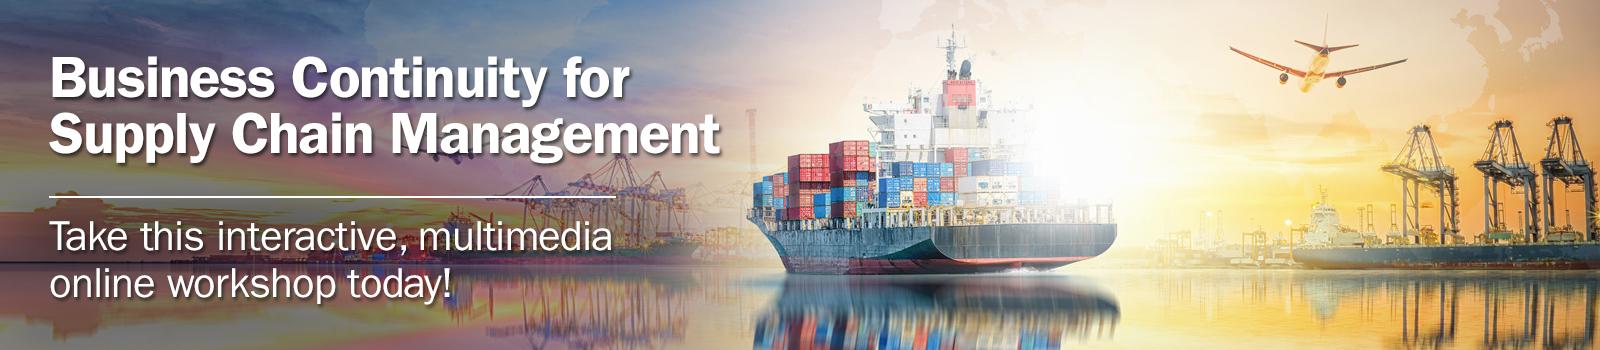 DRI-SupplyChain Banner Image